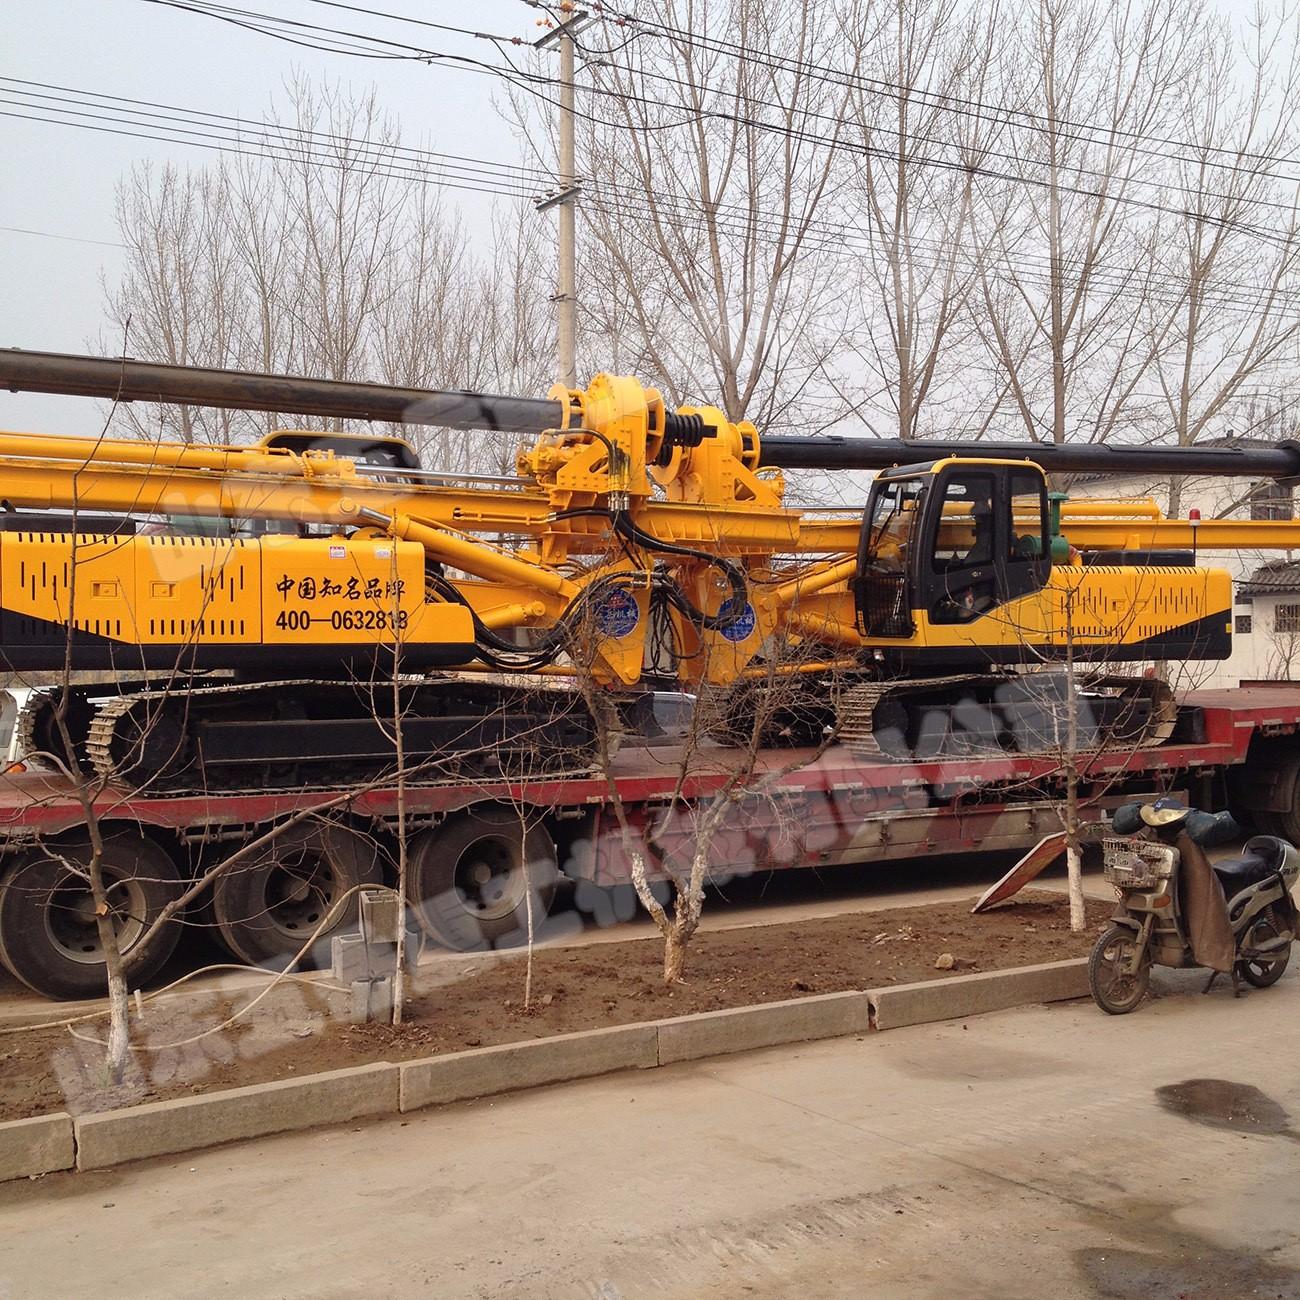 高品质旋挖钻机,五岳地基打桩机,专业生产机锁杆旋挖钻机